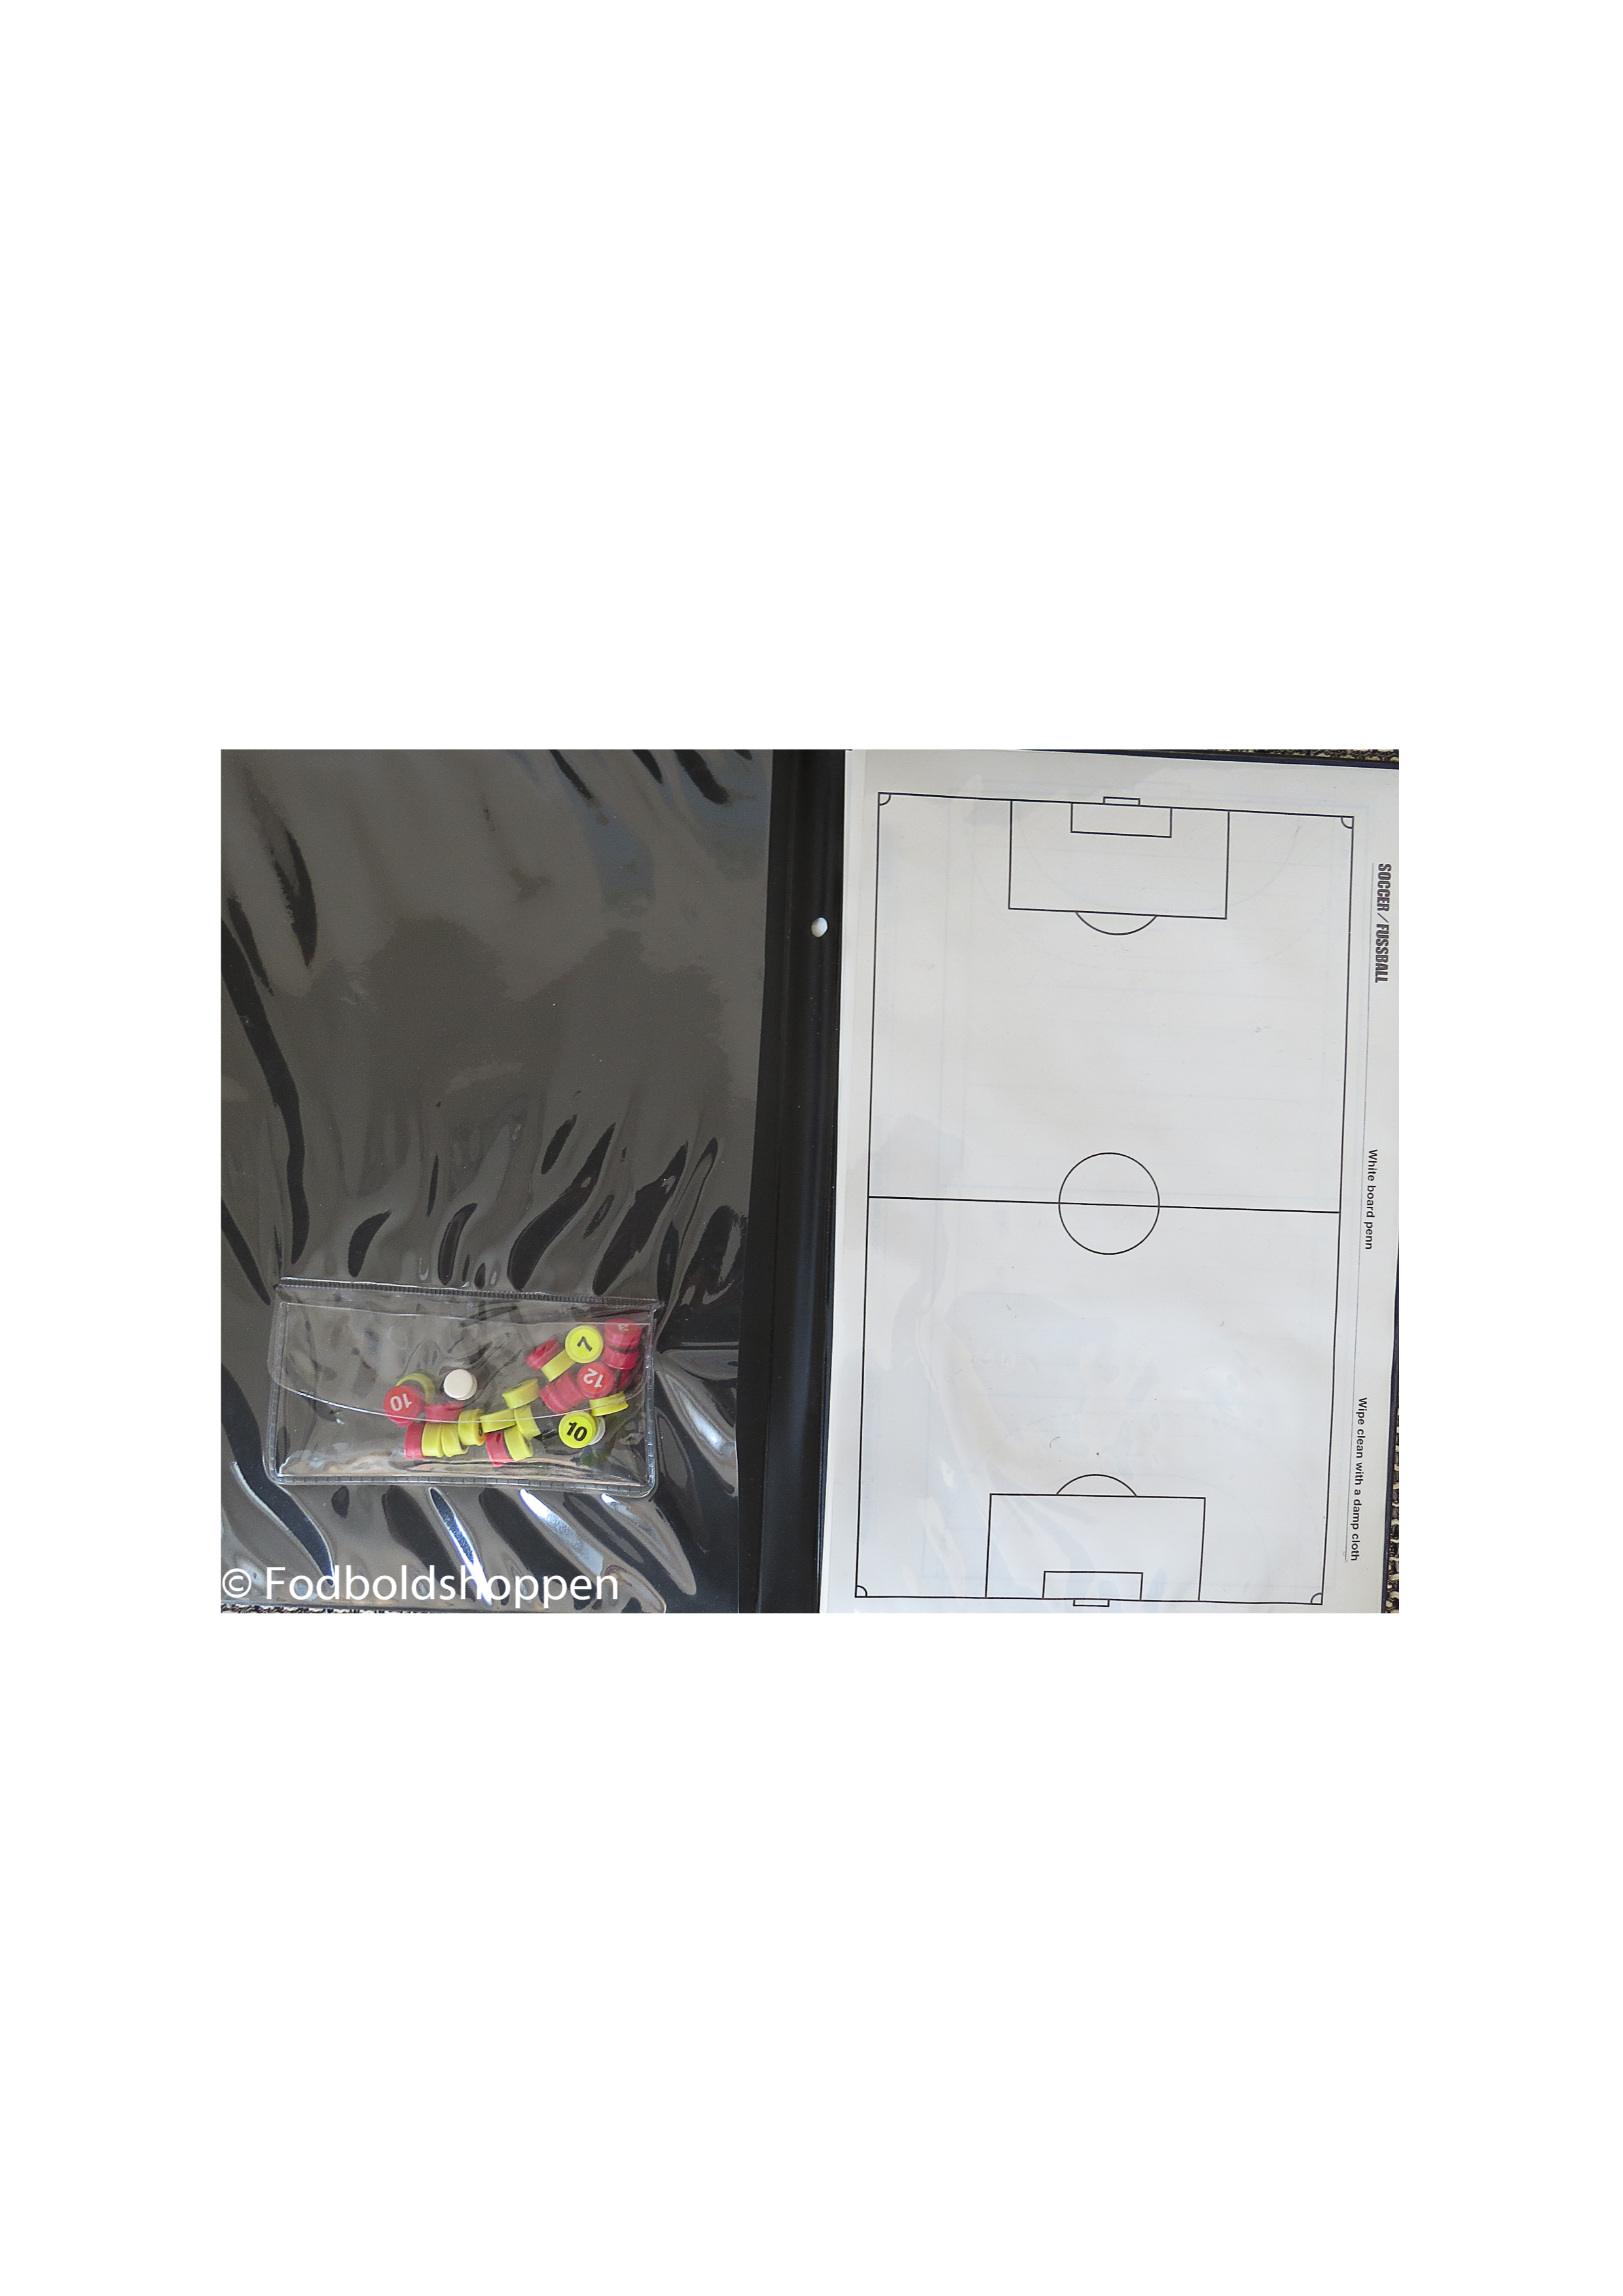 TacticsBoard med små magneter og ark - Fodboldshoppen 919be27644883